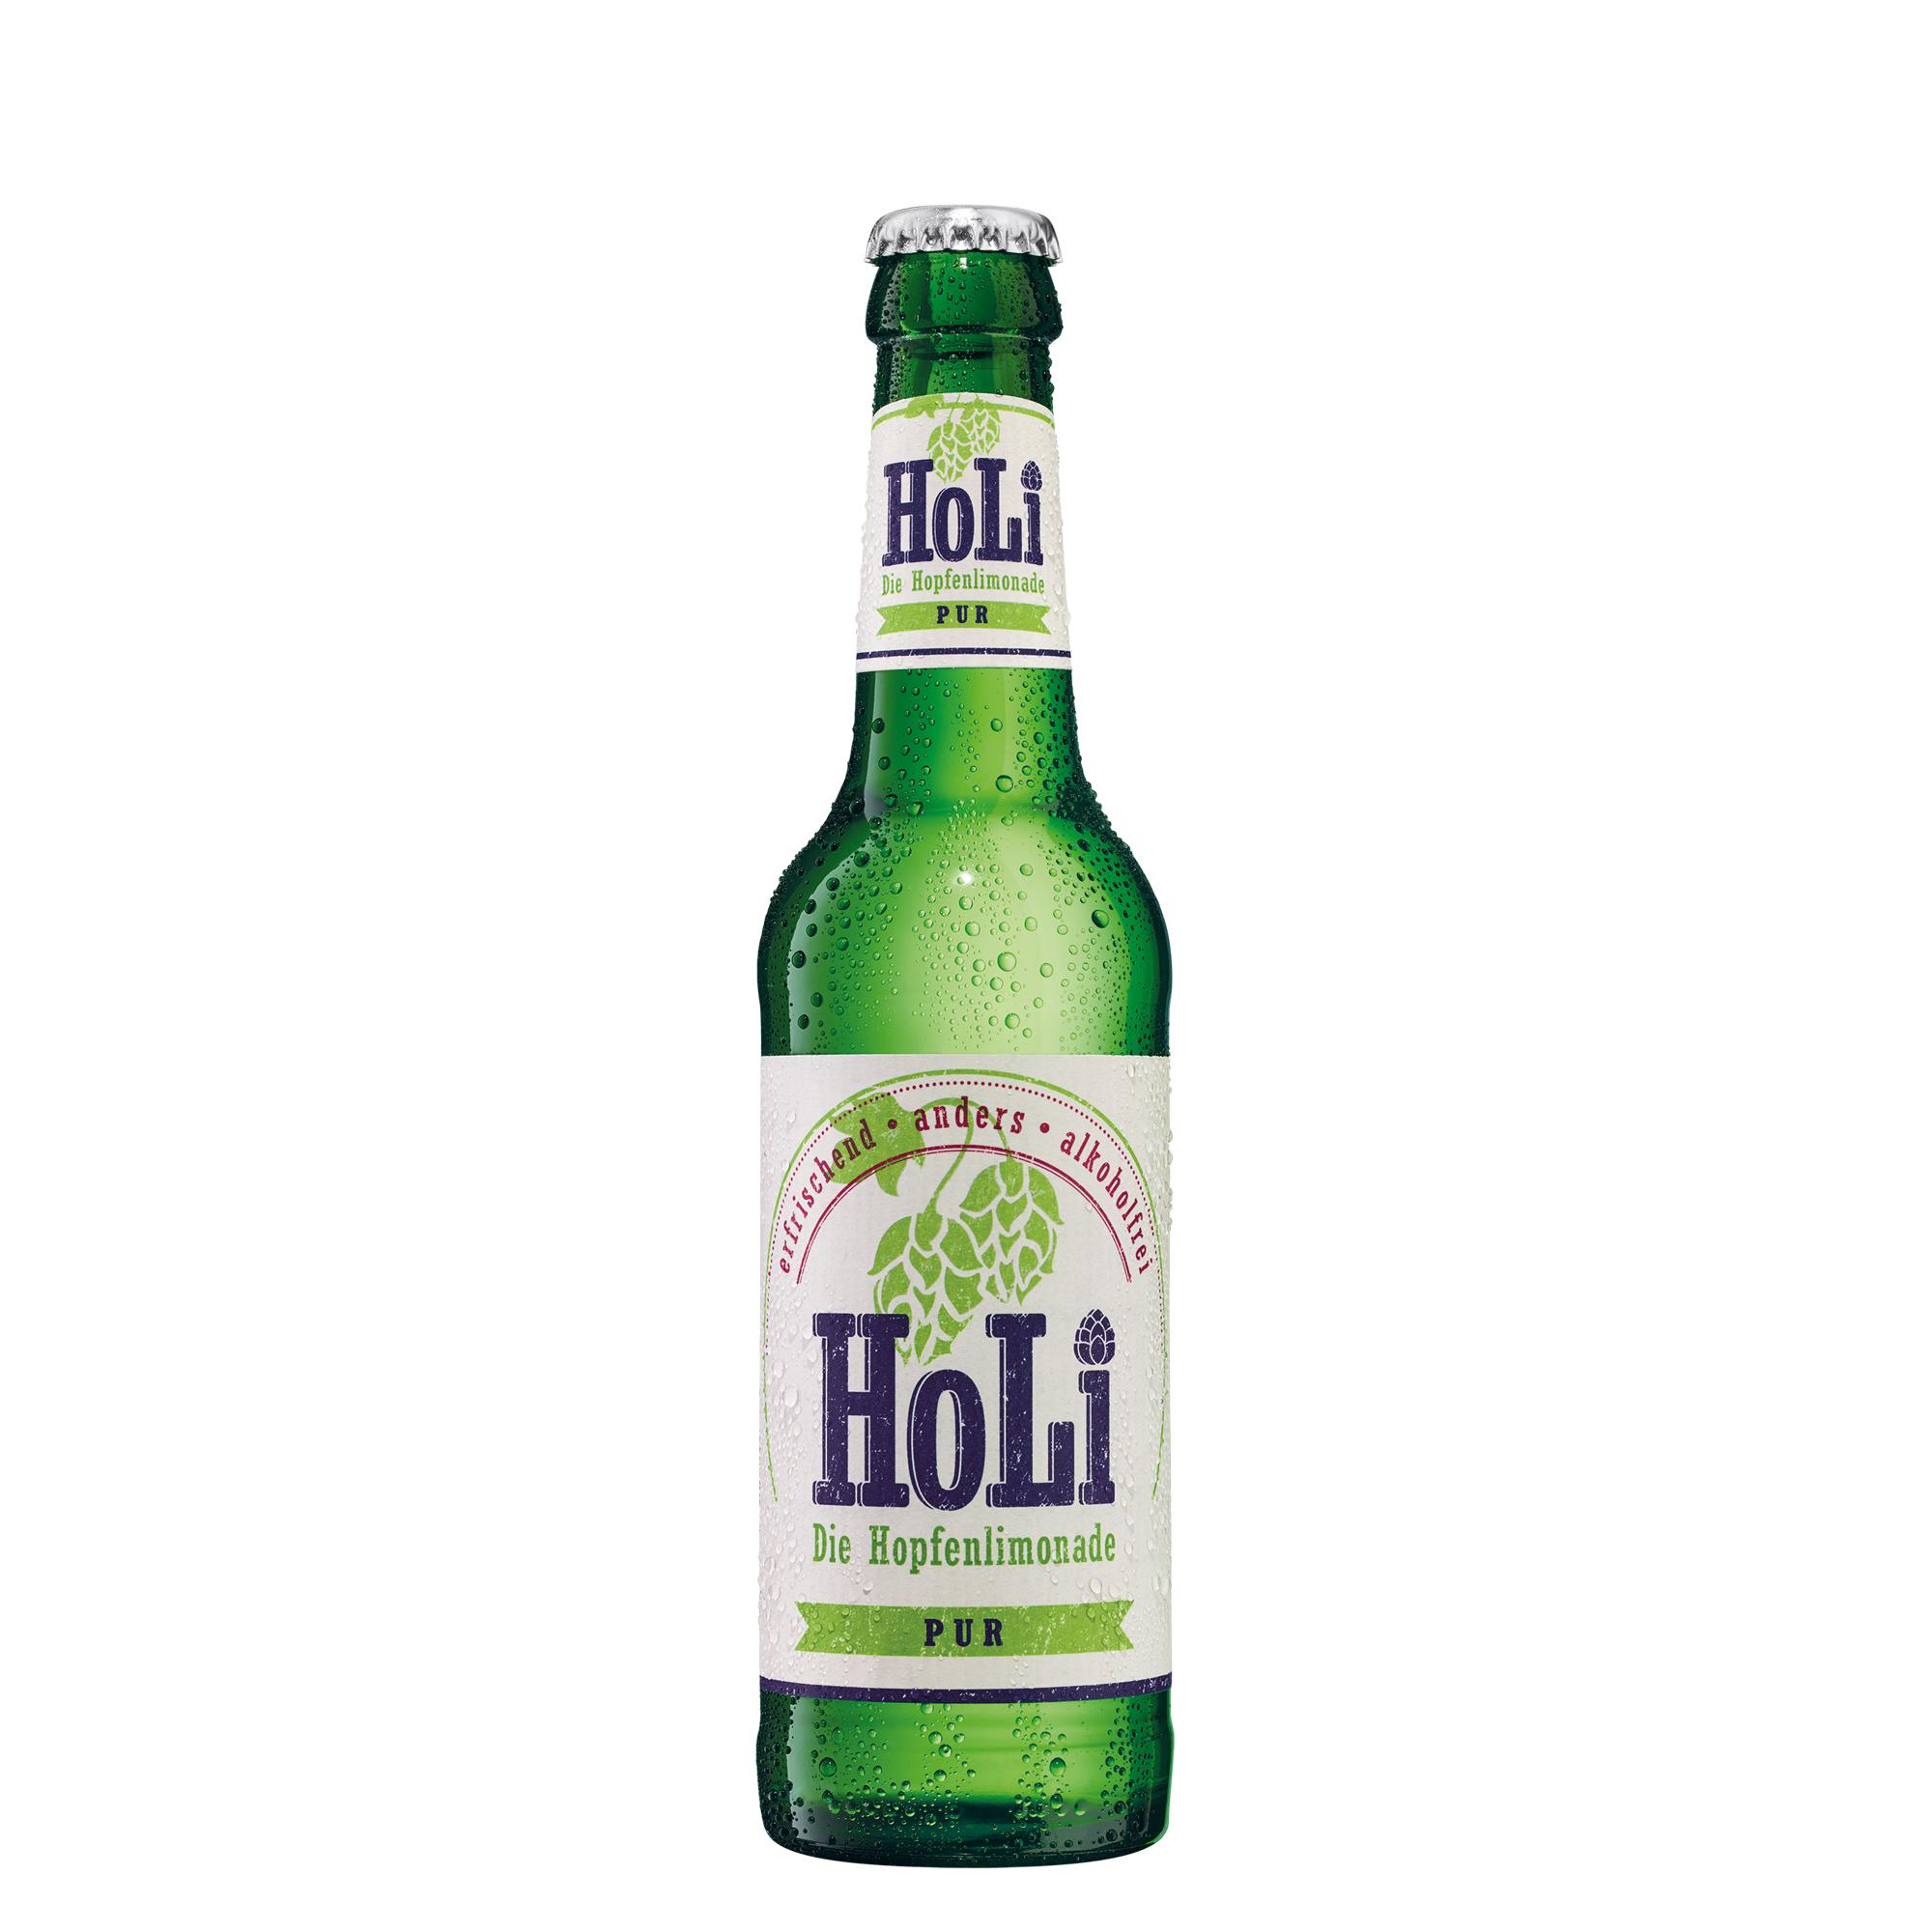 Hopfenlimonade von der Privat-Brauerei Schmucker in Mossautal